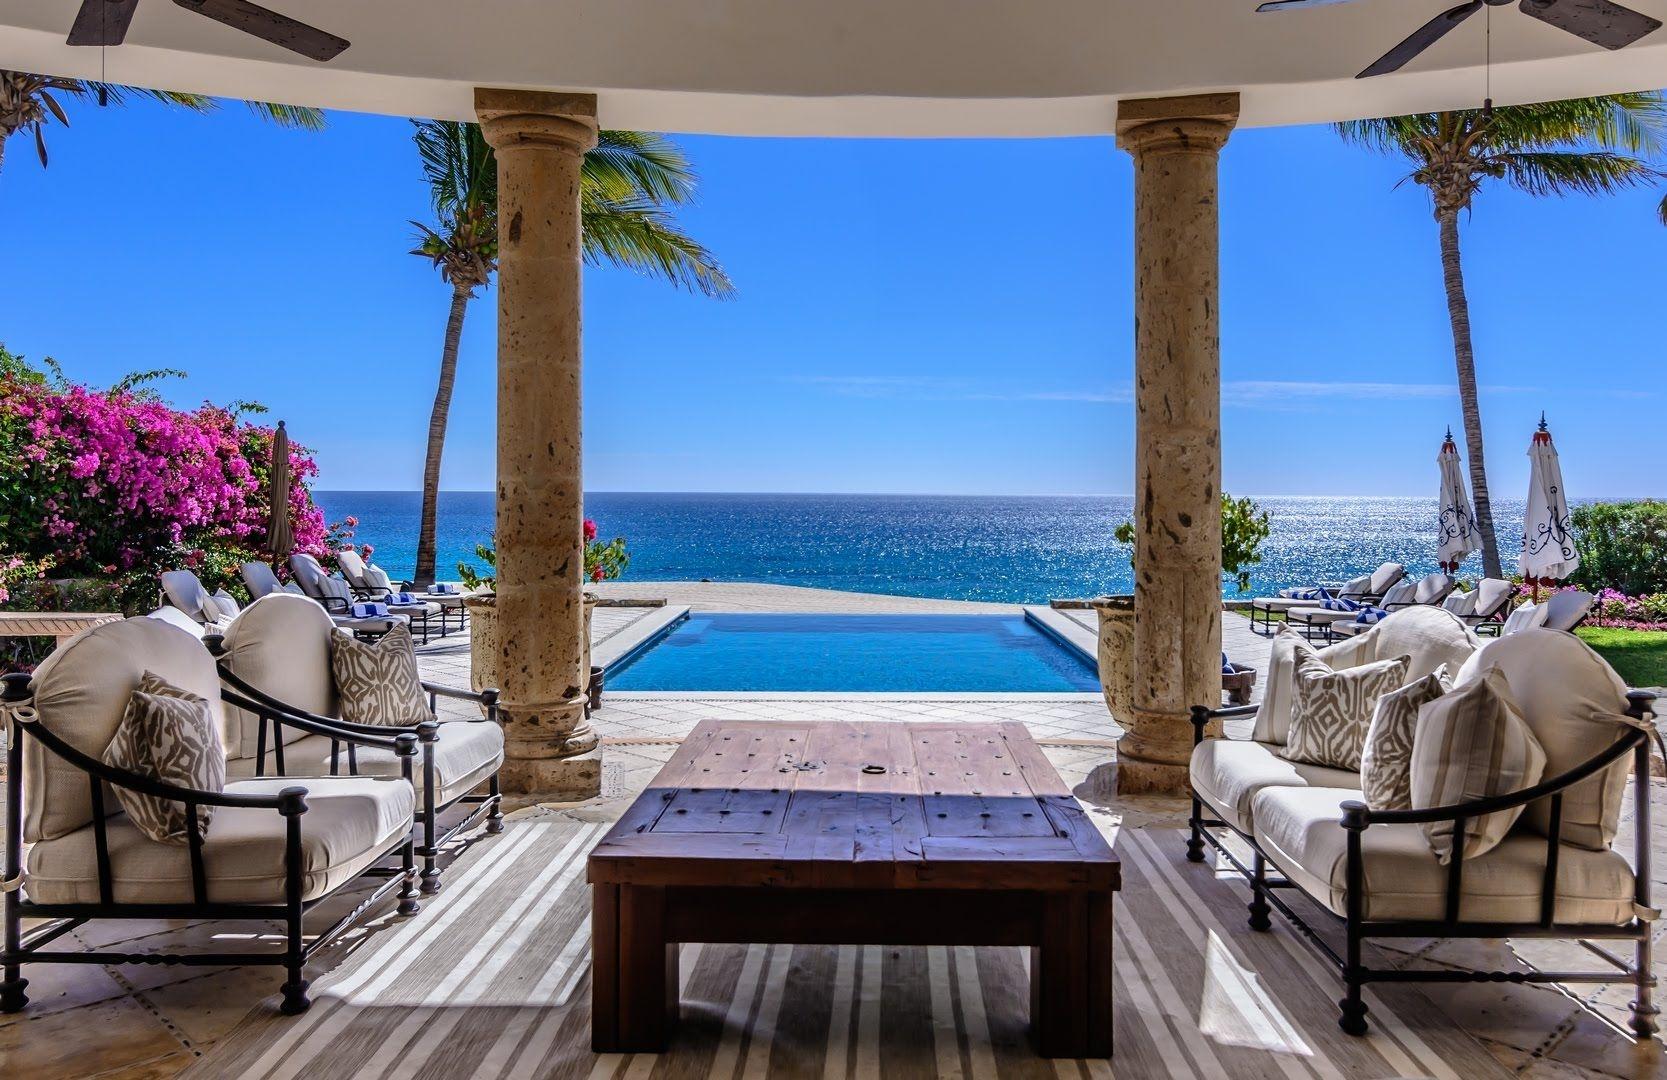 Luxury vacation rentals mexico - Los cabos - Los cabos corridor - Villas delmar - Villa 462 - Image 1/15